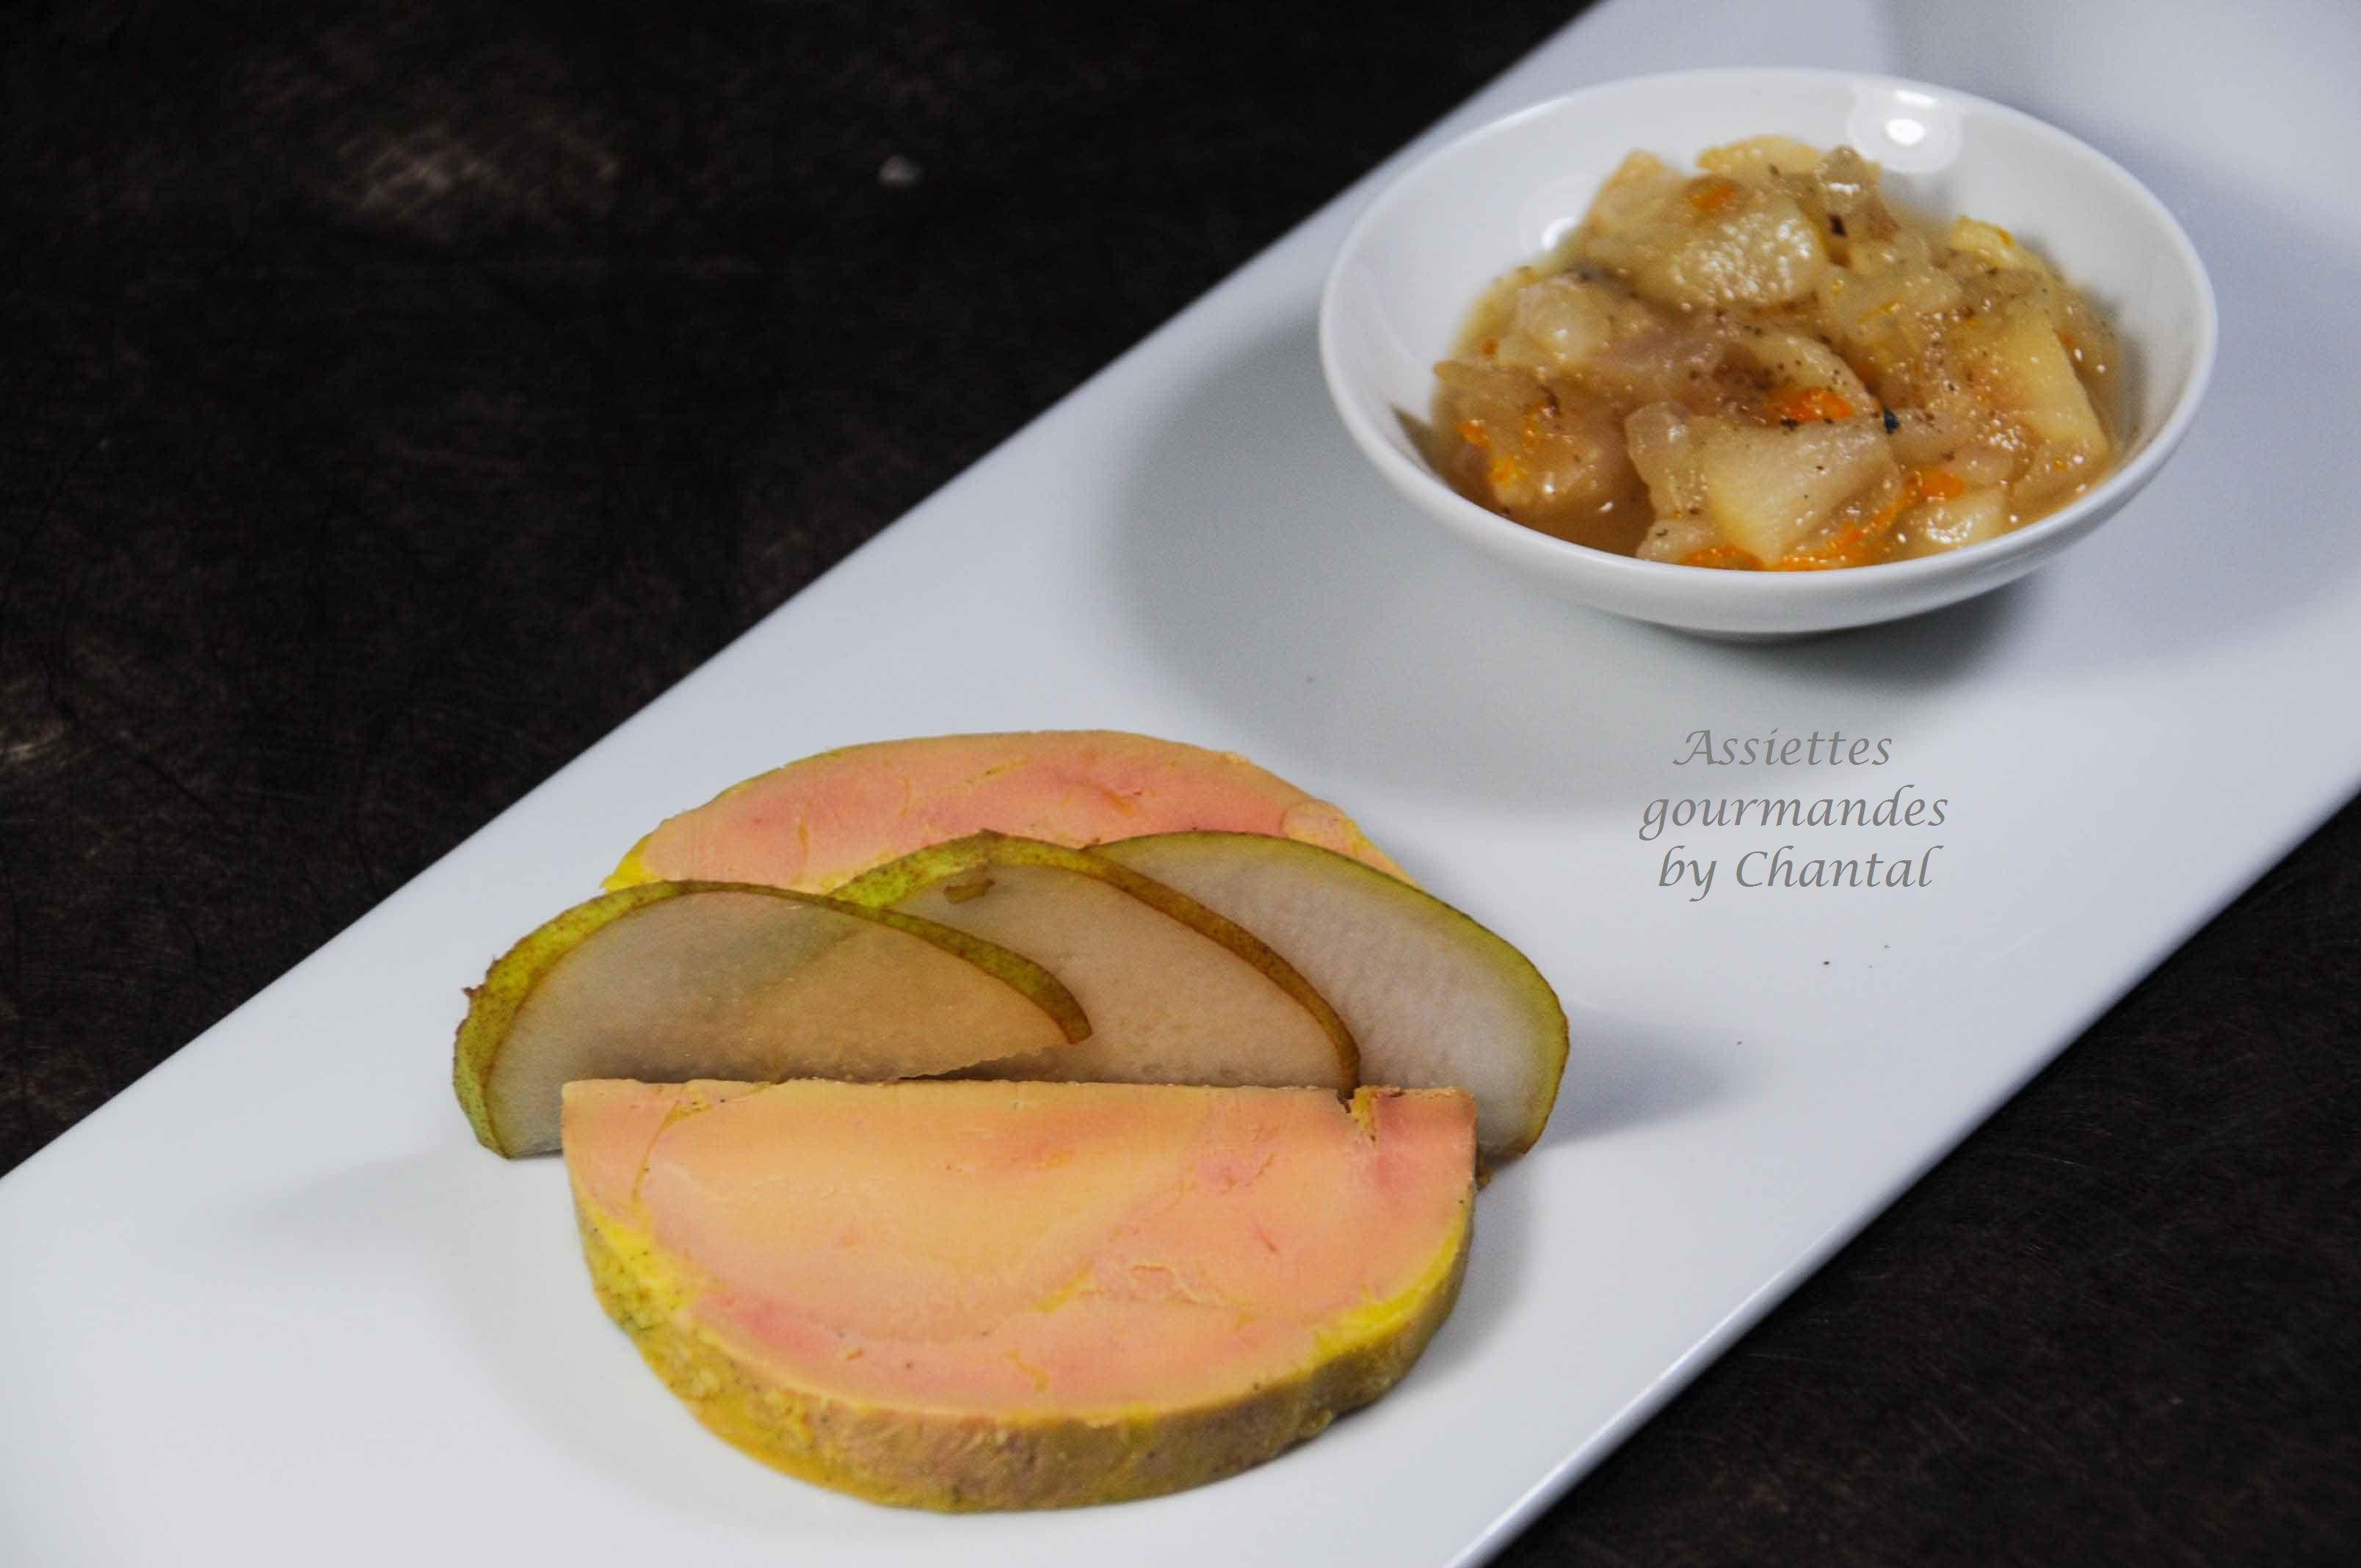 Foie gras cuisson sous vide basse temperature cuissons base temp rature pinterest chutney - Temperature cuisson foie gras ...